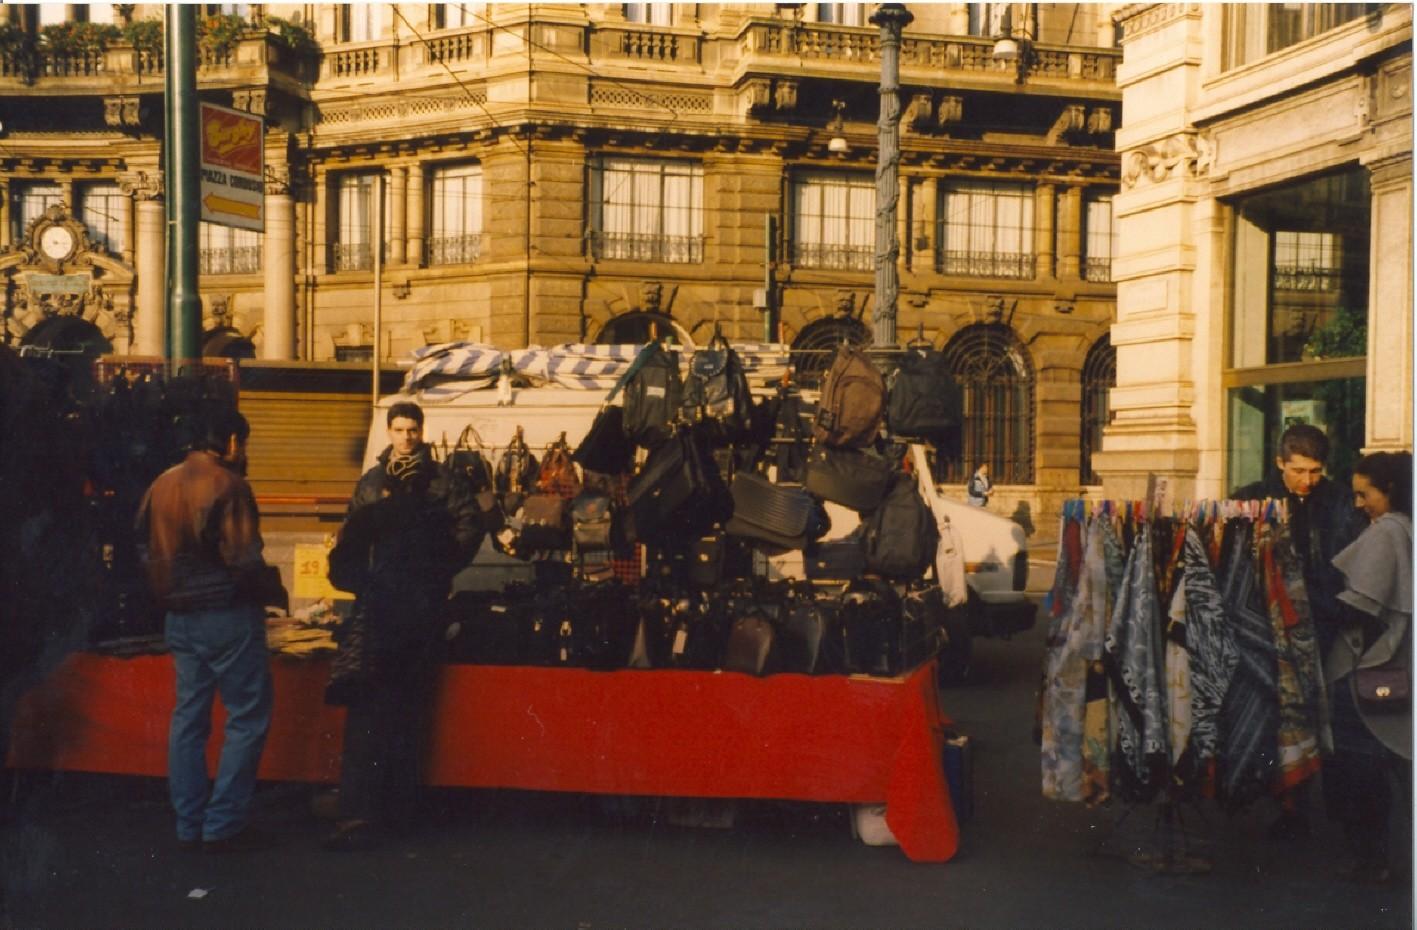 Venditore borse Piazza Cordusio 1998